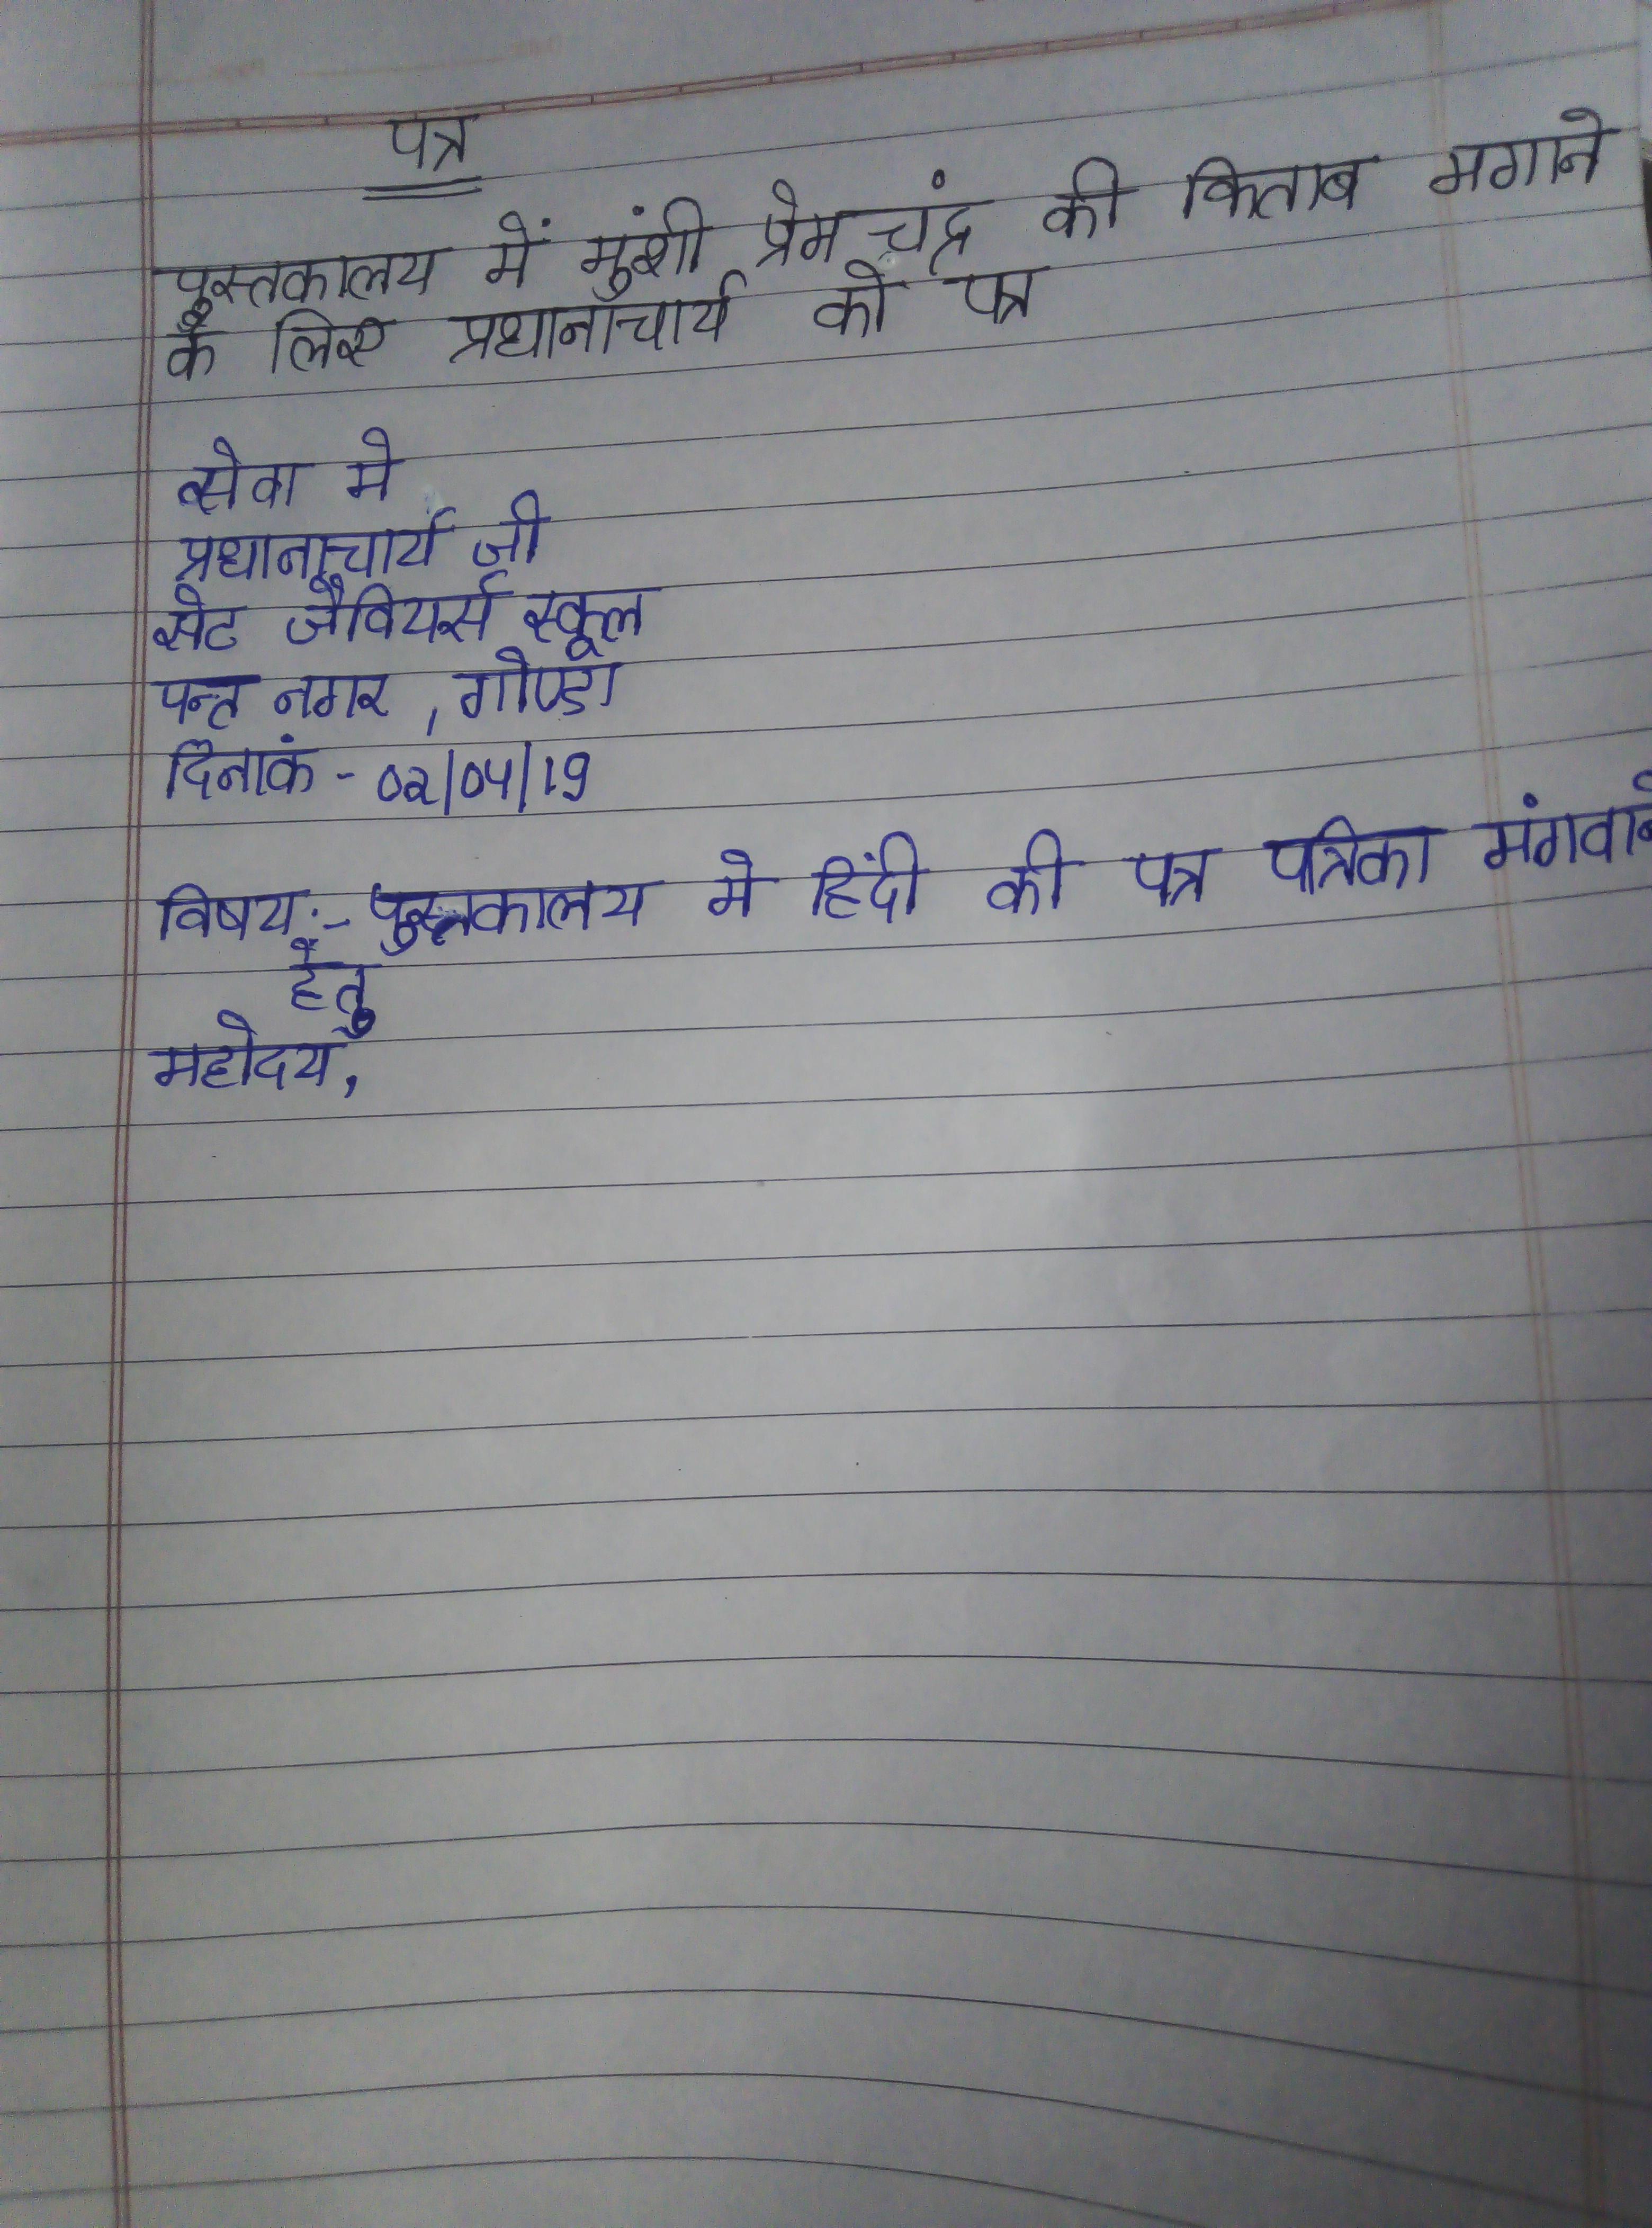 Pustakalaya Mein Hindi Samachar Patra mangwane Hetu